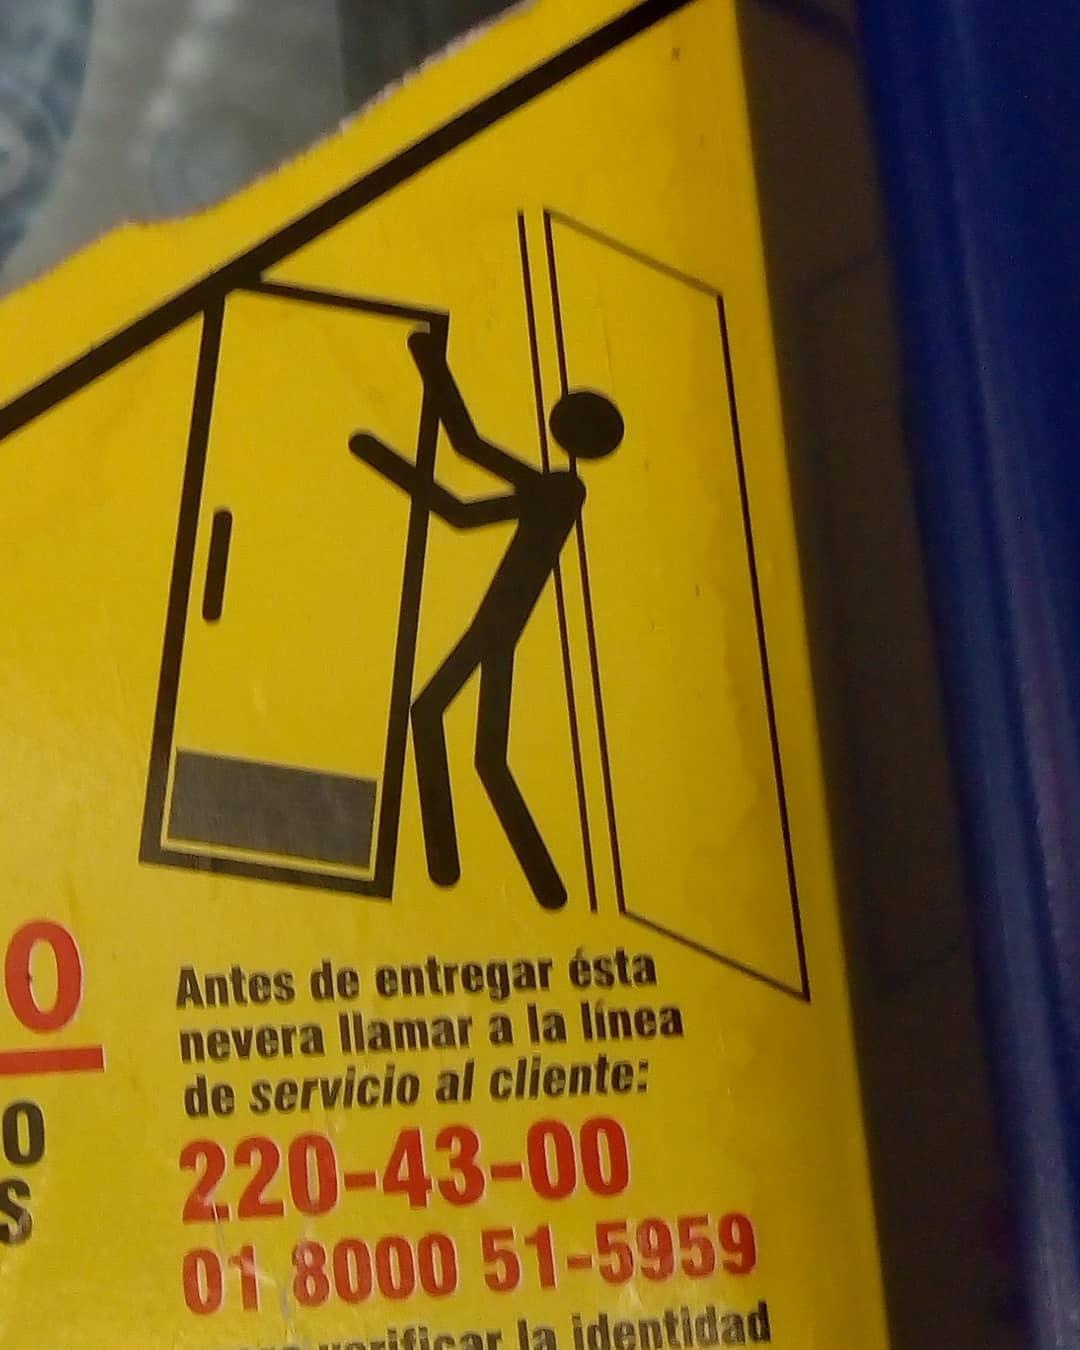 Ícono de advertencia de persona cargando un refrigerador. Parece que este último estuviera abalanceándose contra la persona.